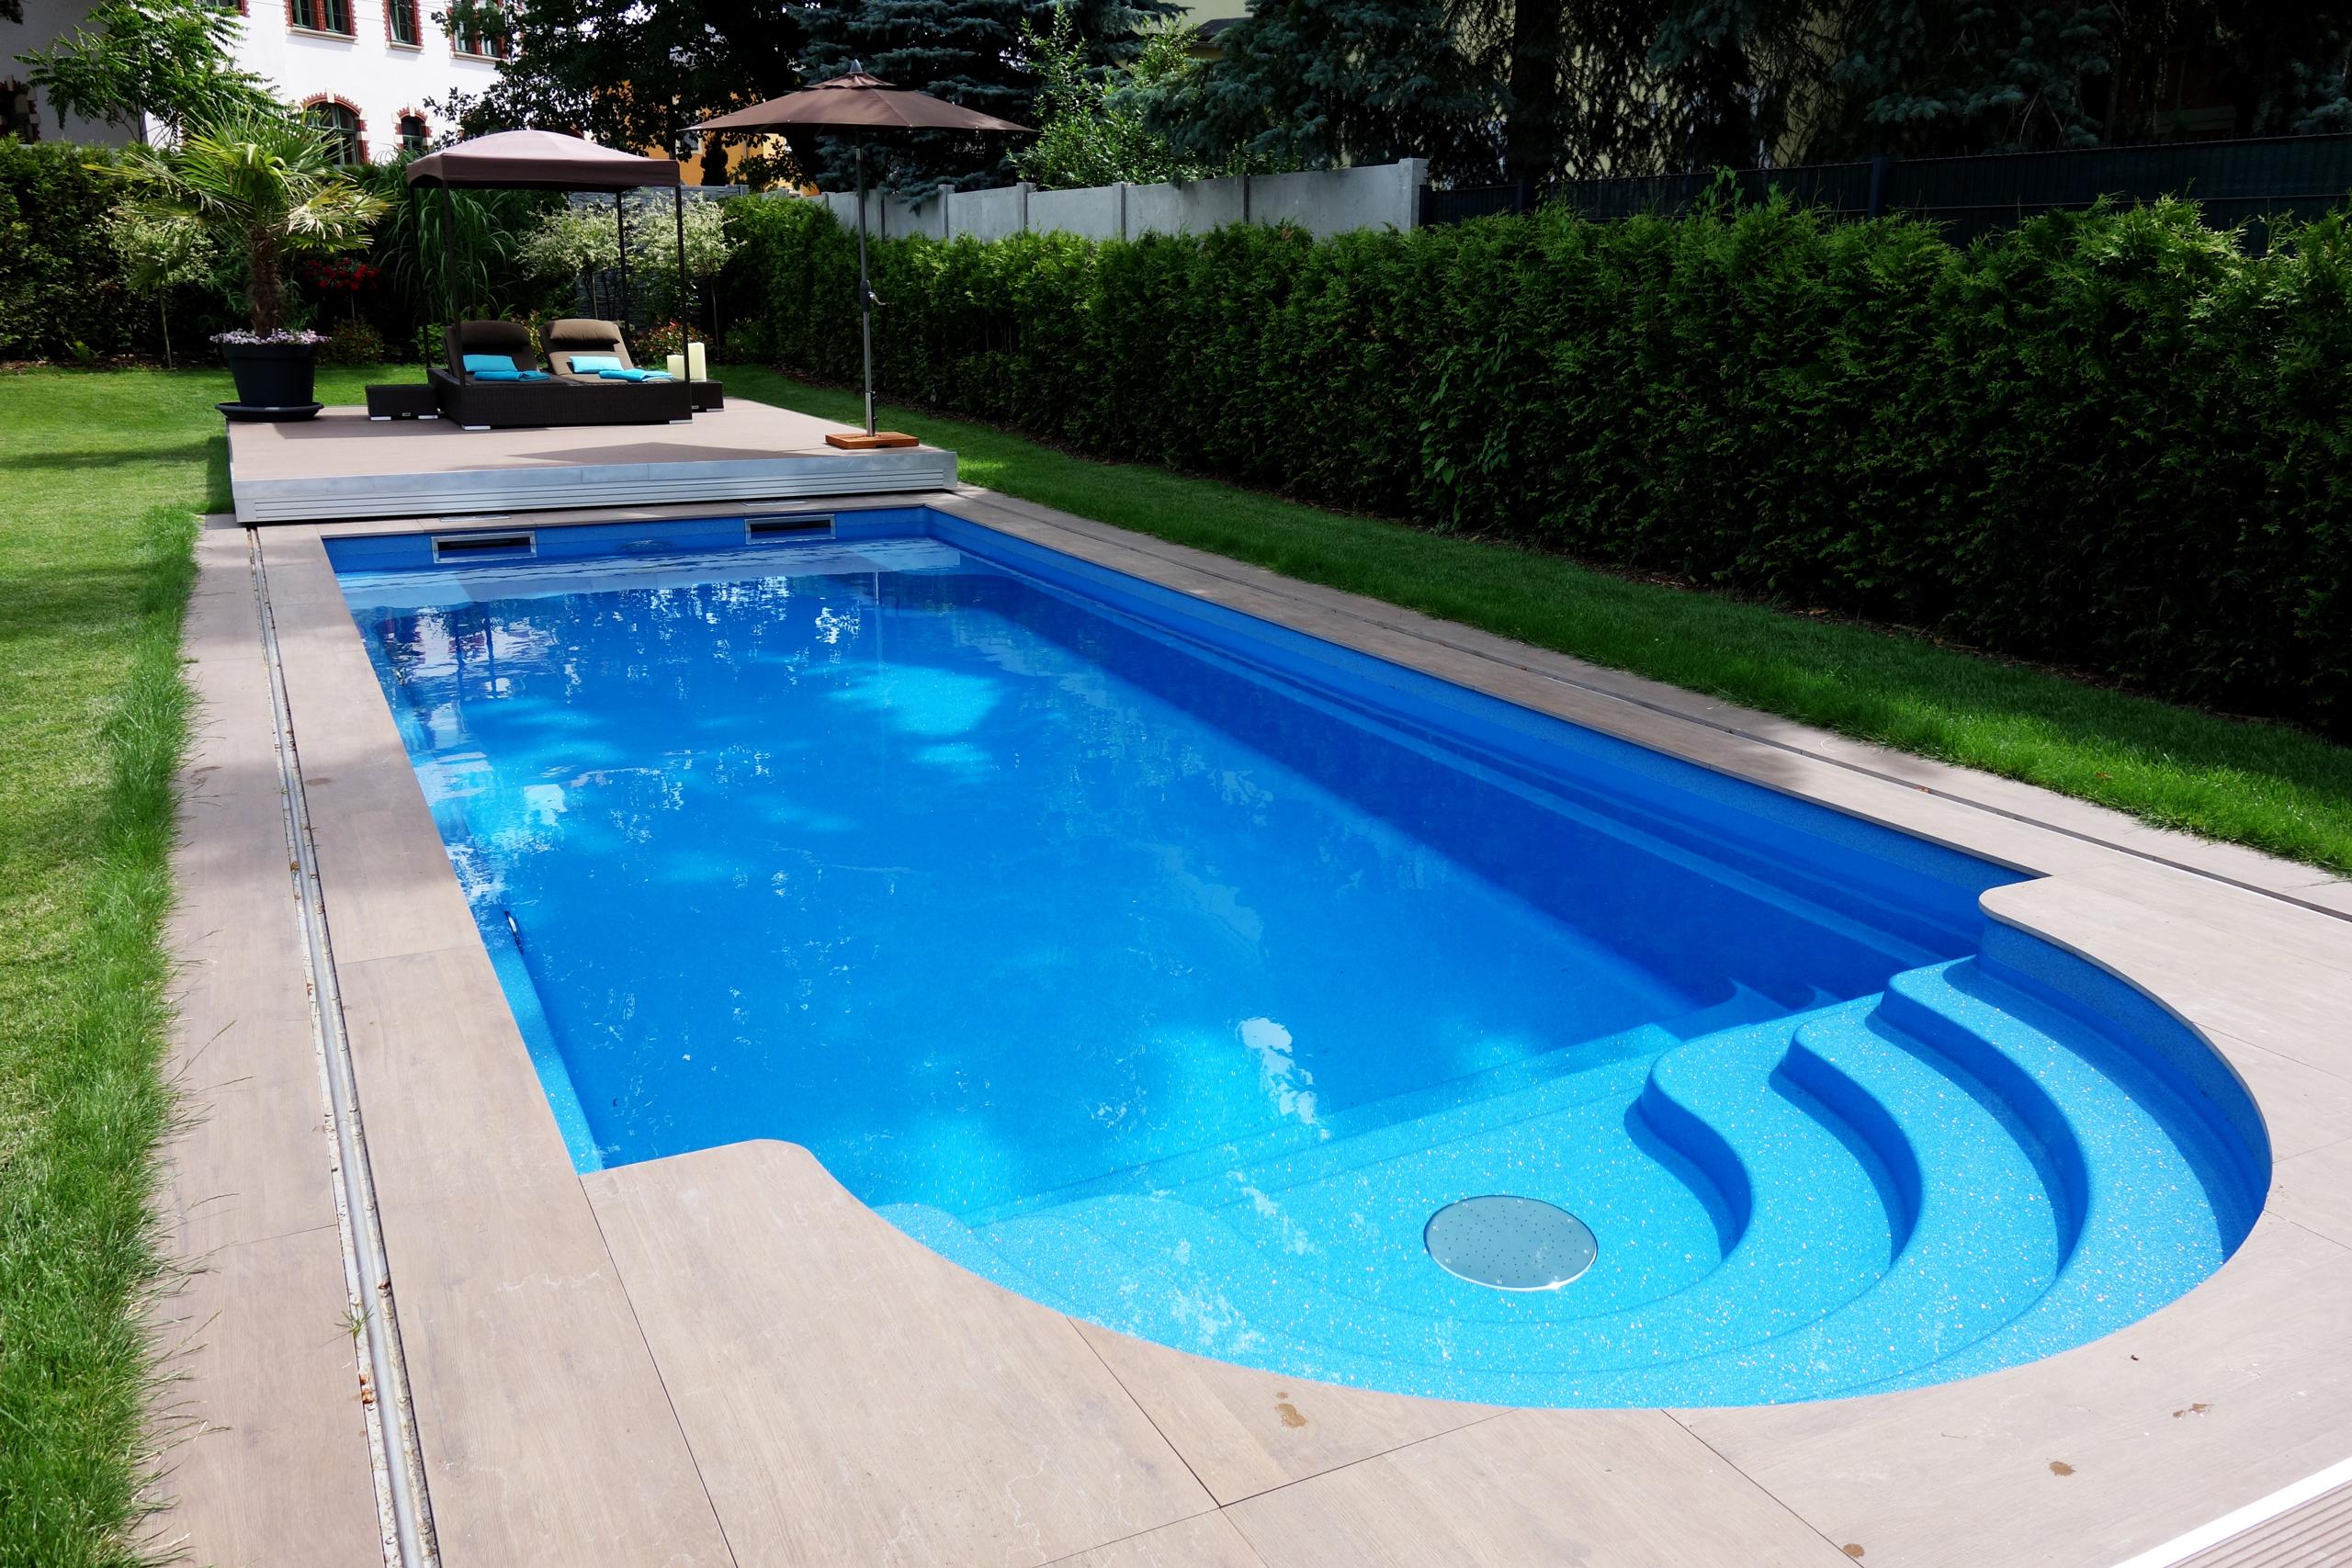 compass pool schwimmbecken java 101 mit terrassenabdeckung fkb schwimmbadtechnik. Black Bedroom Furniture Sets. Home Design Ideas